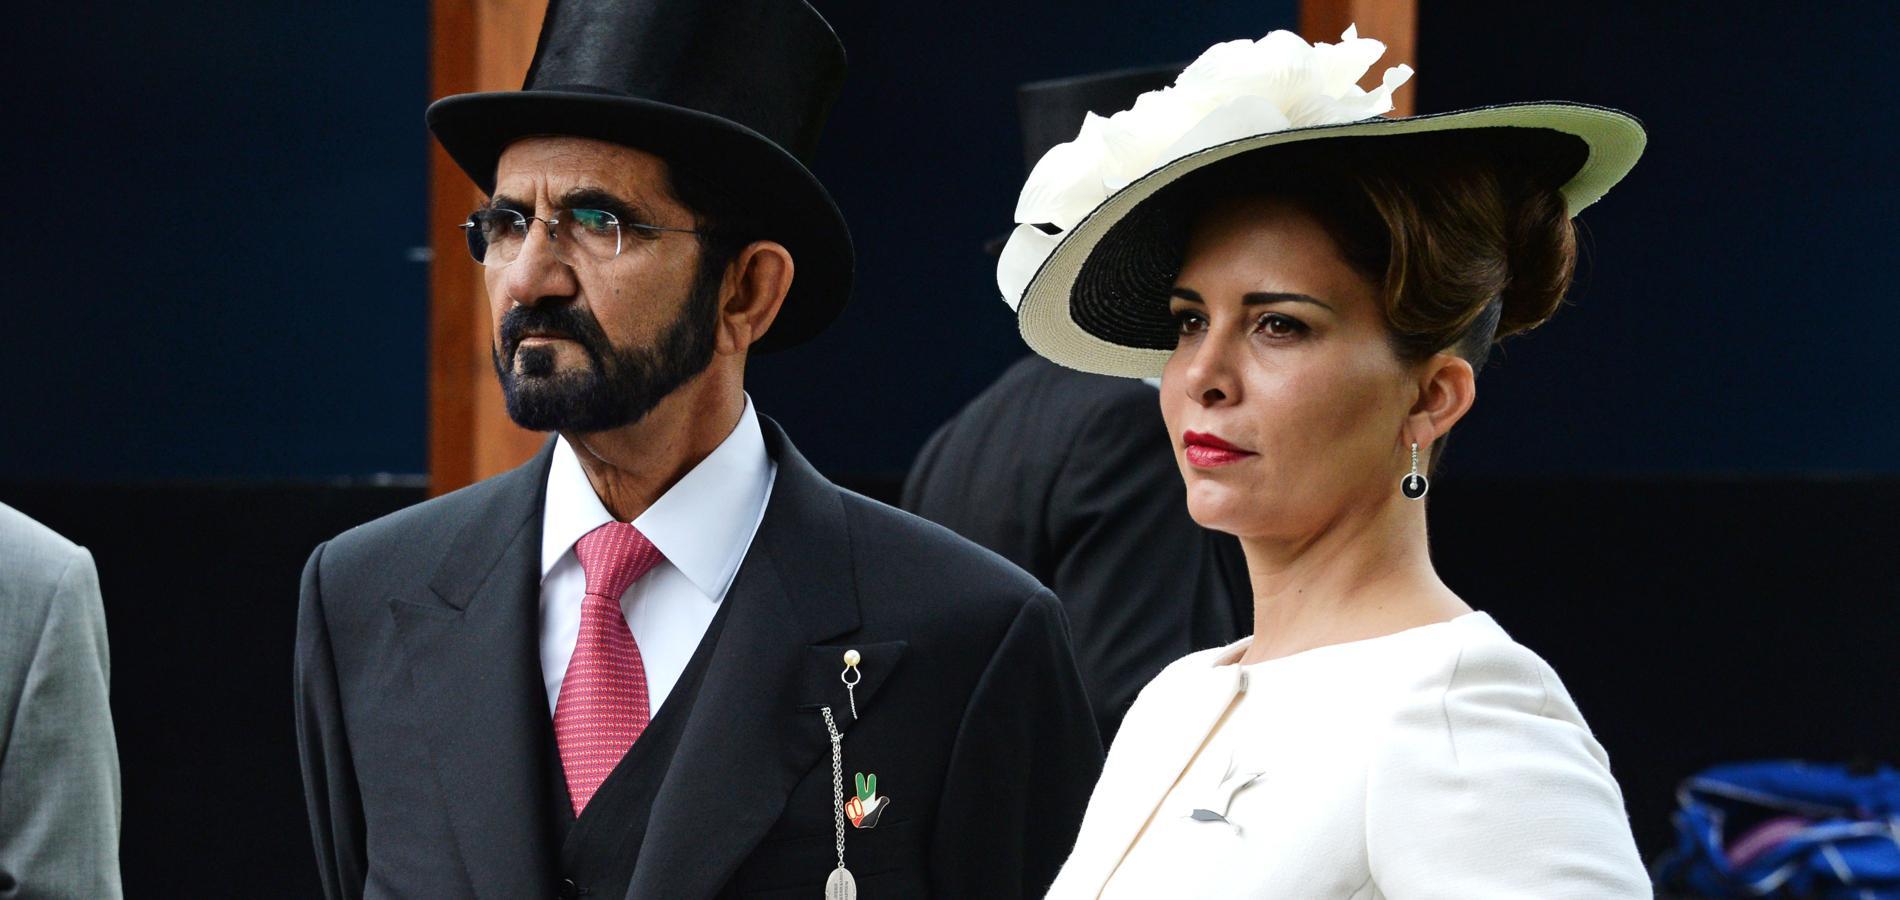 Le couple et la famille royale britanniques sont proches, unis par la passion hippique.